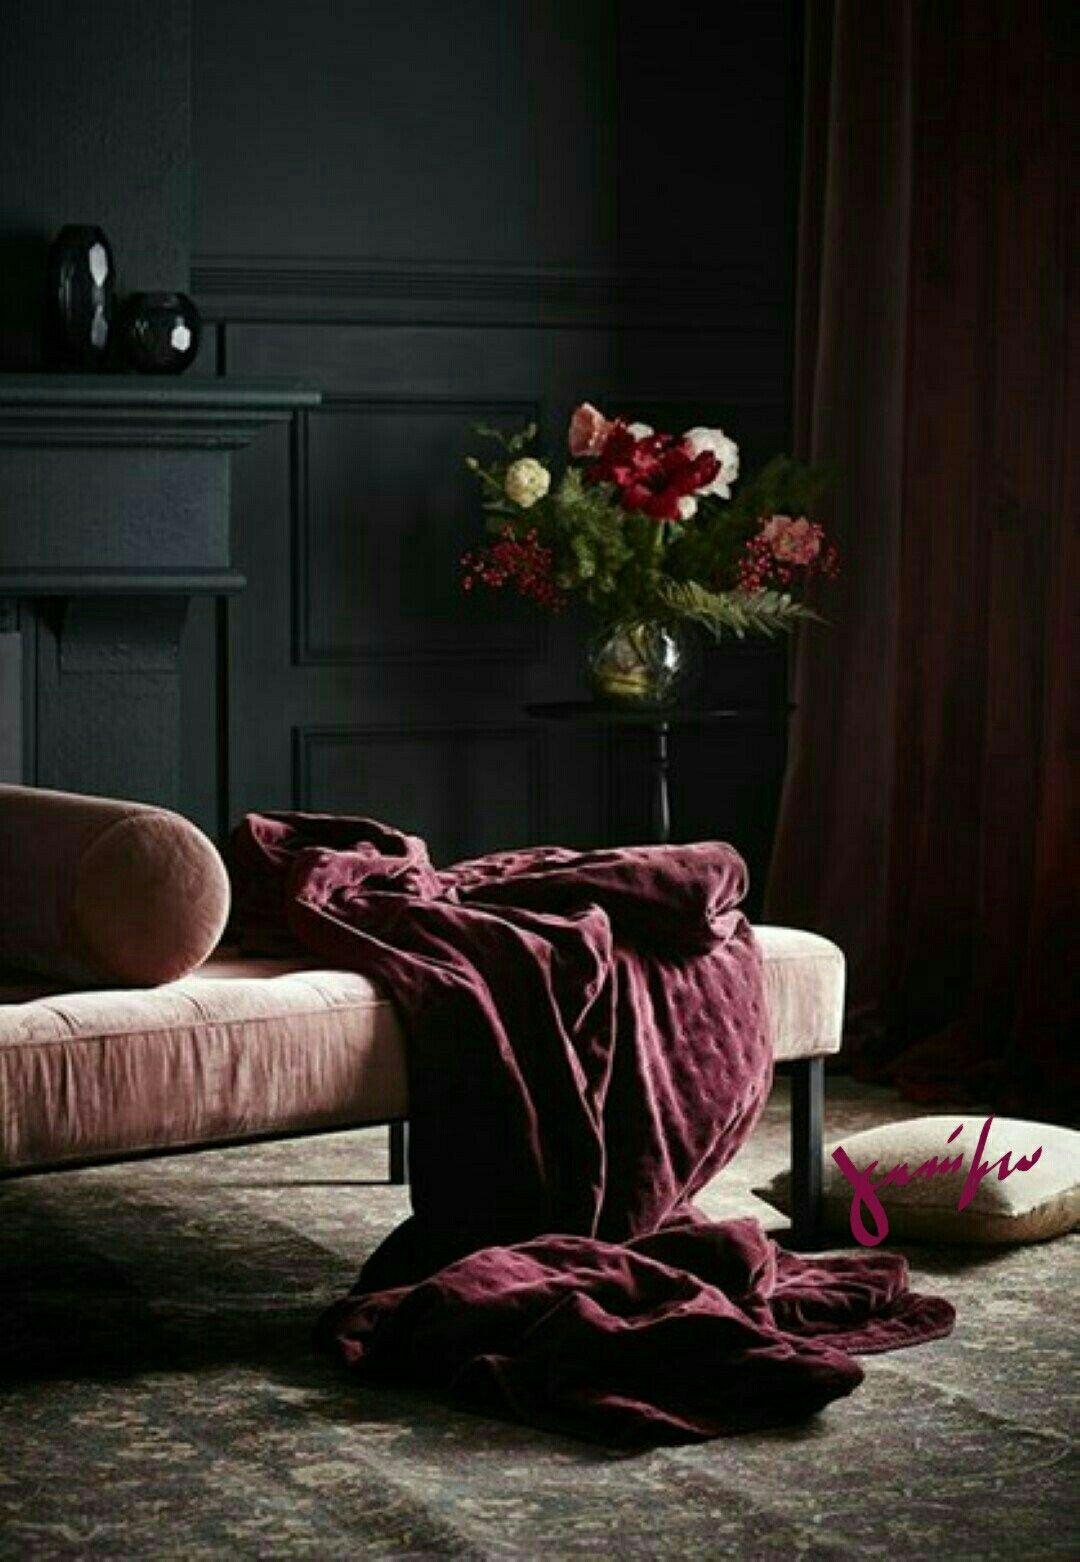 Interieur Passion Home Textiles Épinglé par granyelle sur inspiration salon | deco rose